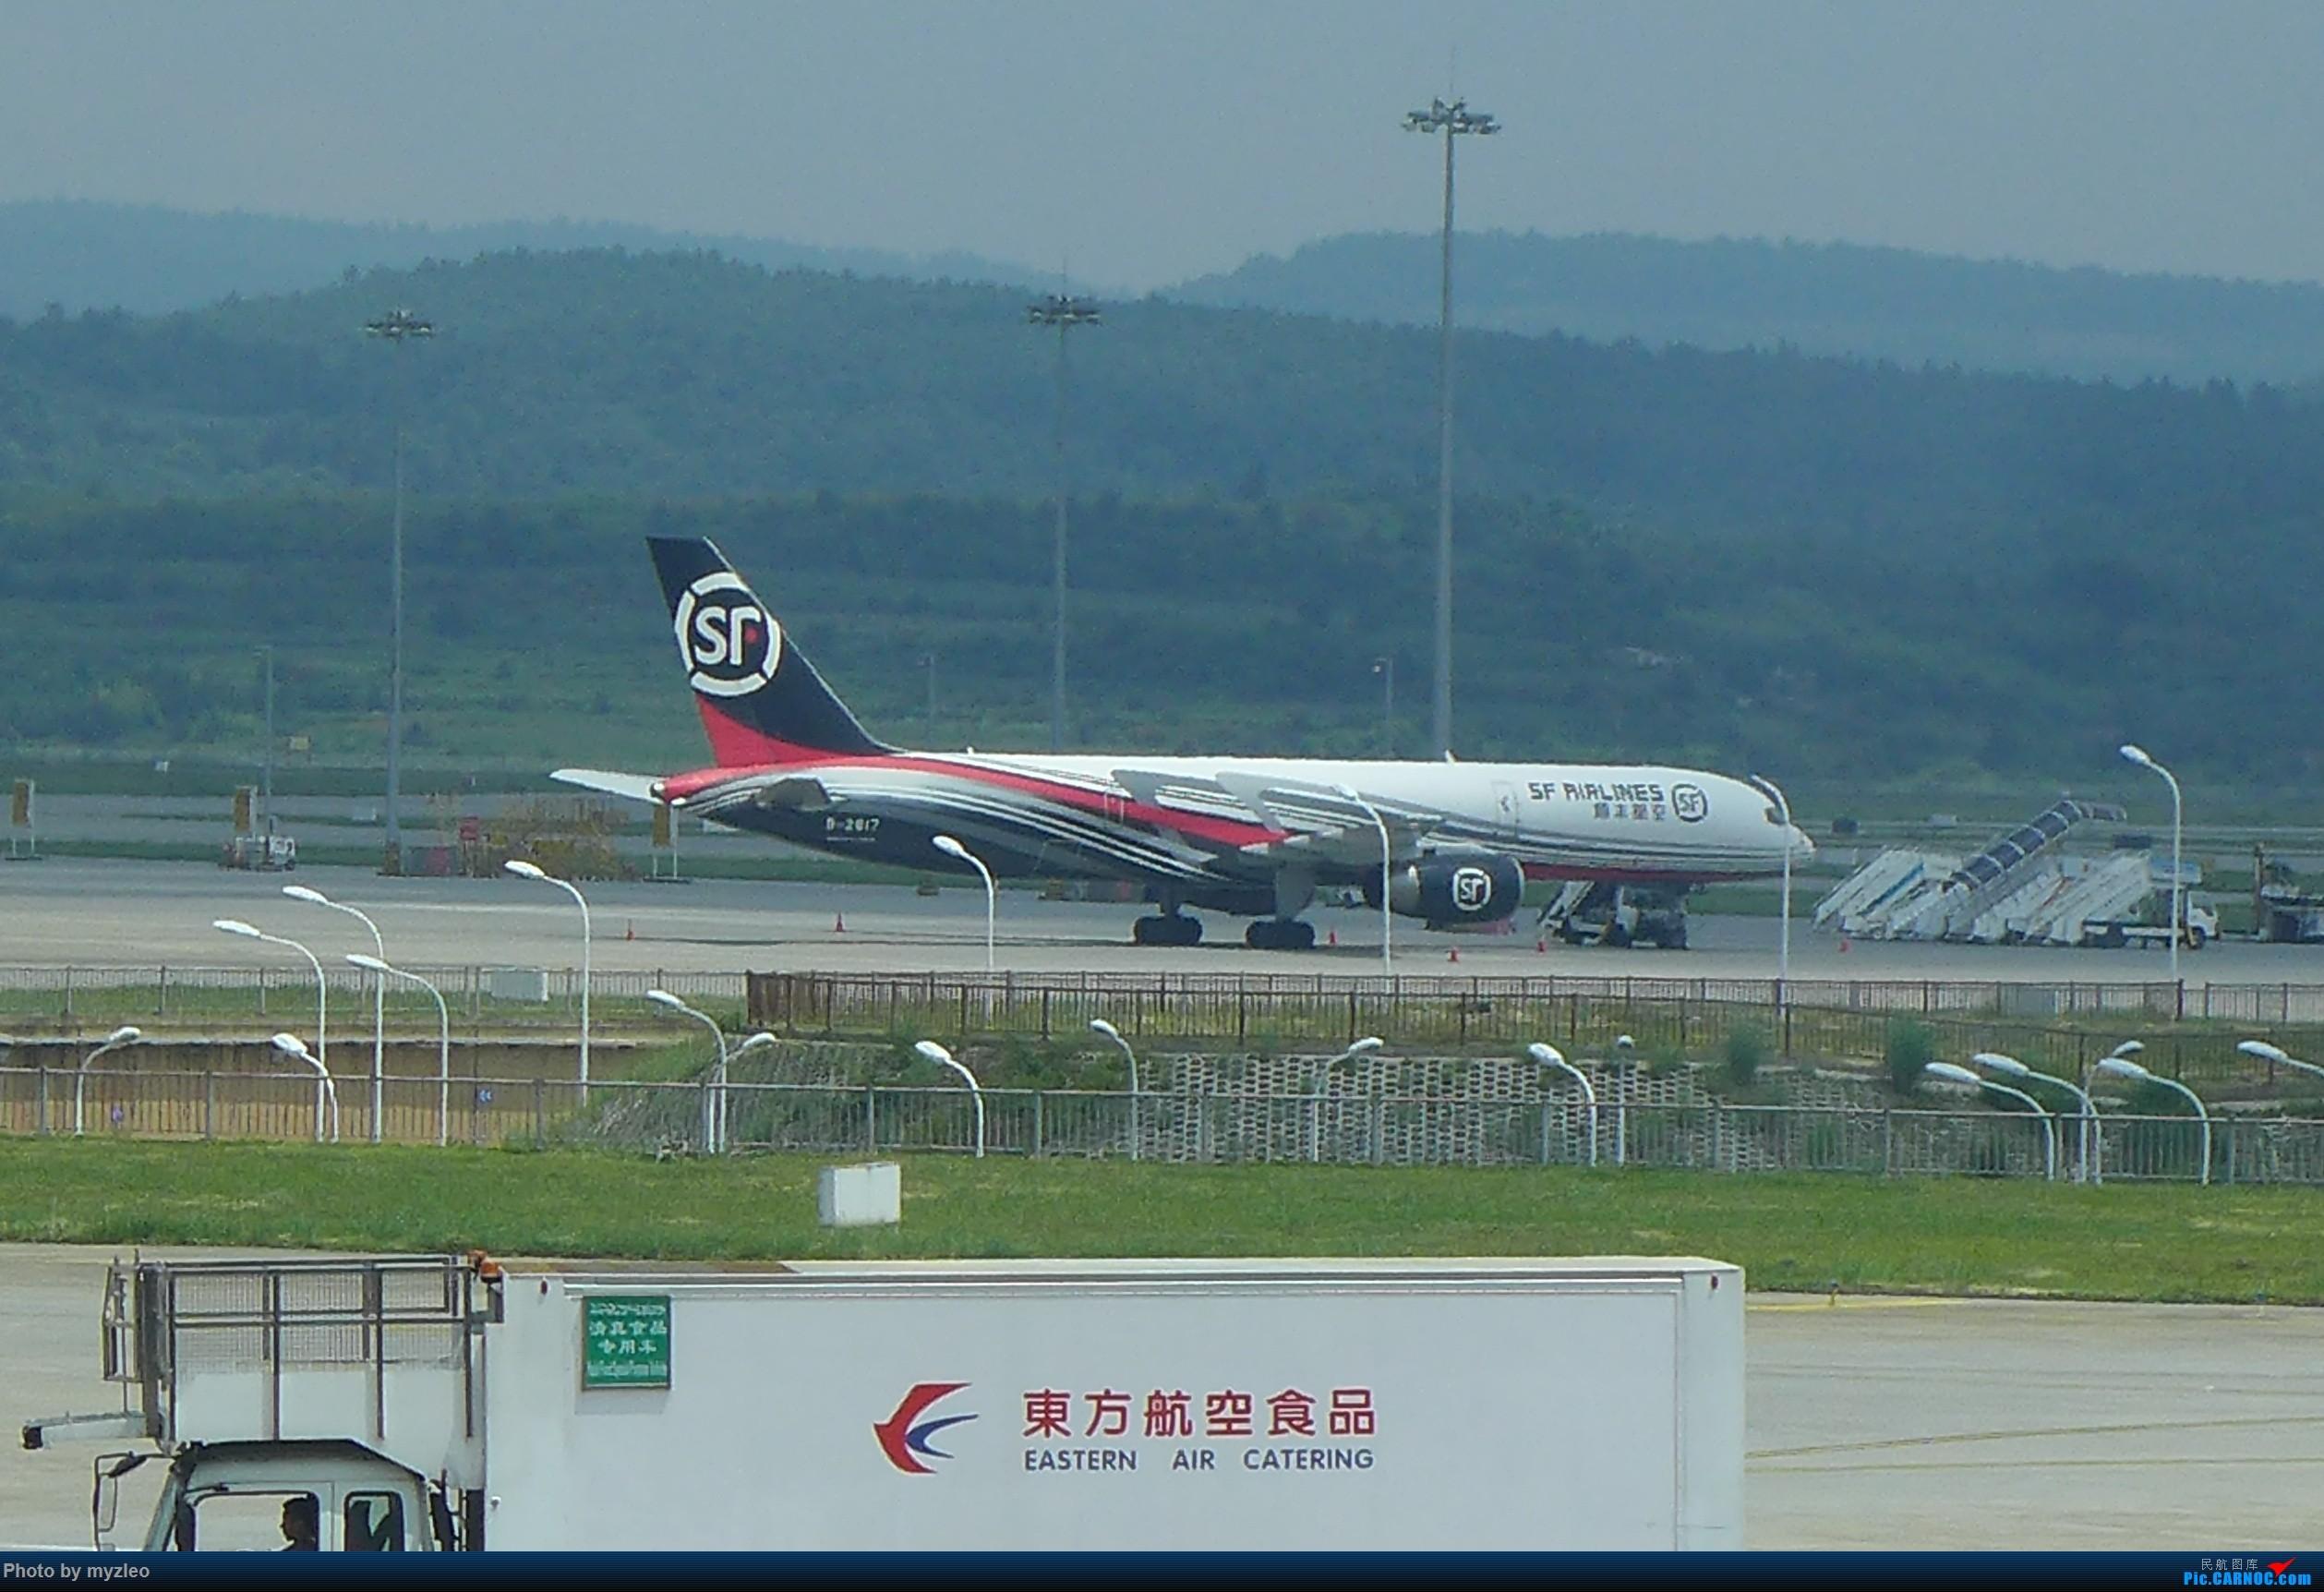 Re:[原创]【myzleo的游记2.1】昆洱风光(1)——SHA-KMG上航商务舱再体验+人在昆明 BOEING 757-200 B-2817 中国昆明长水国际机场